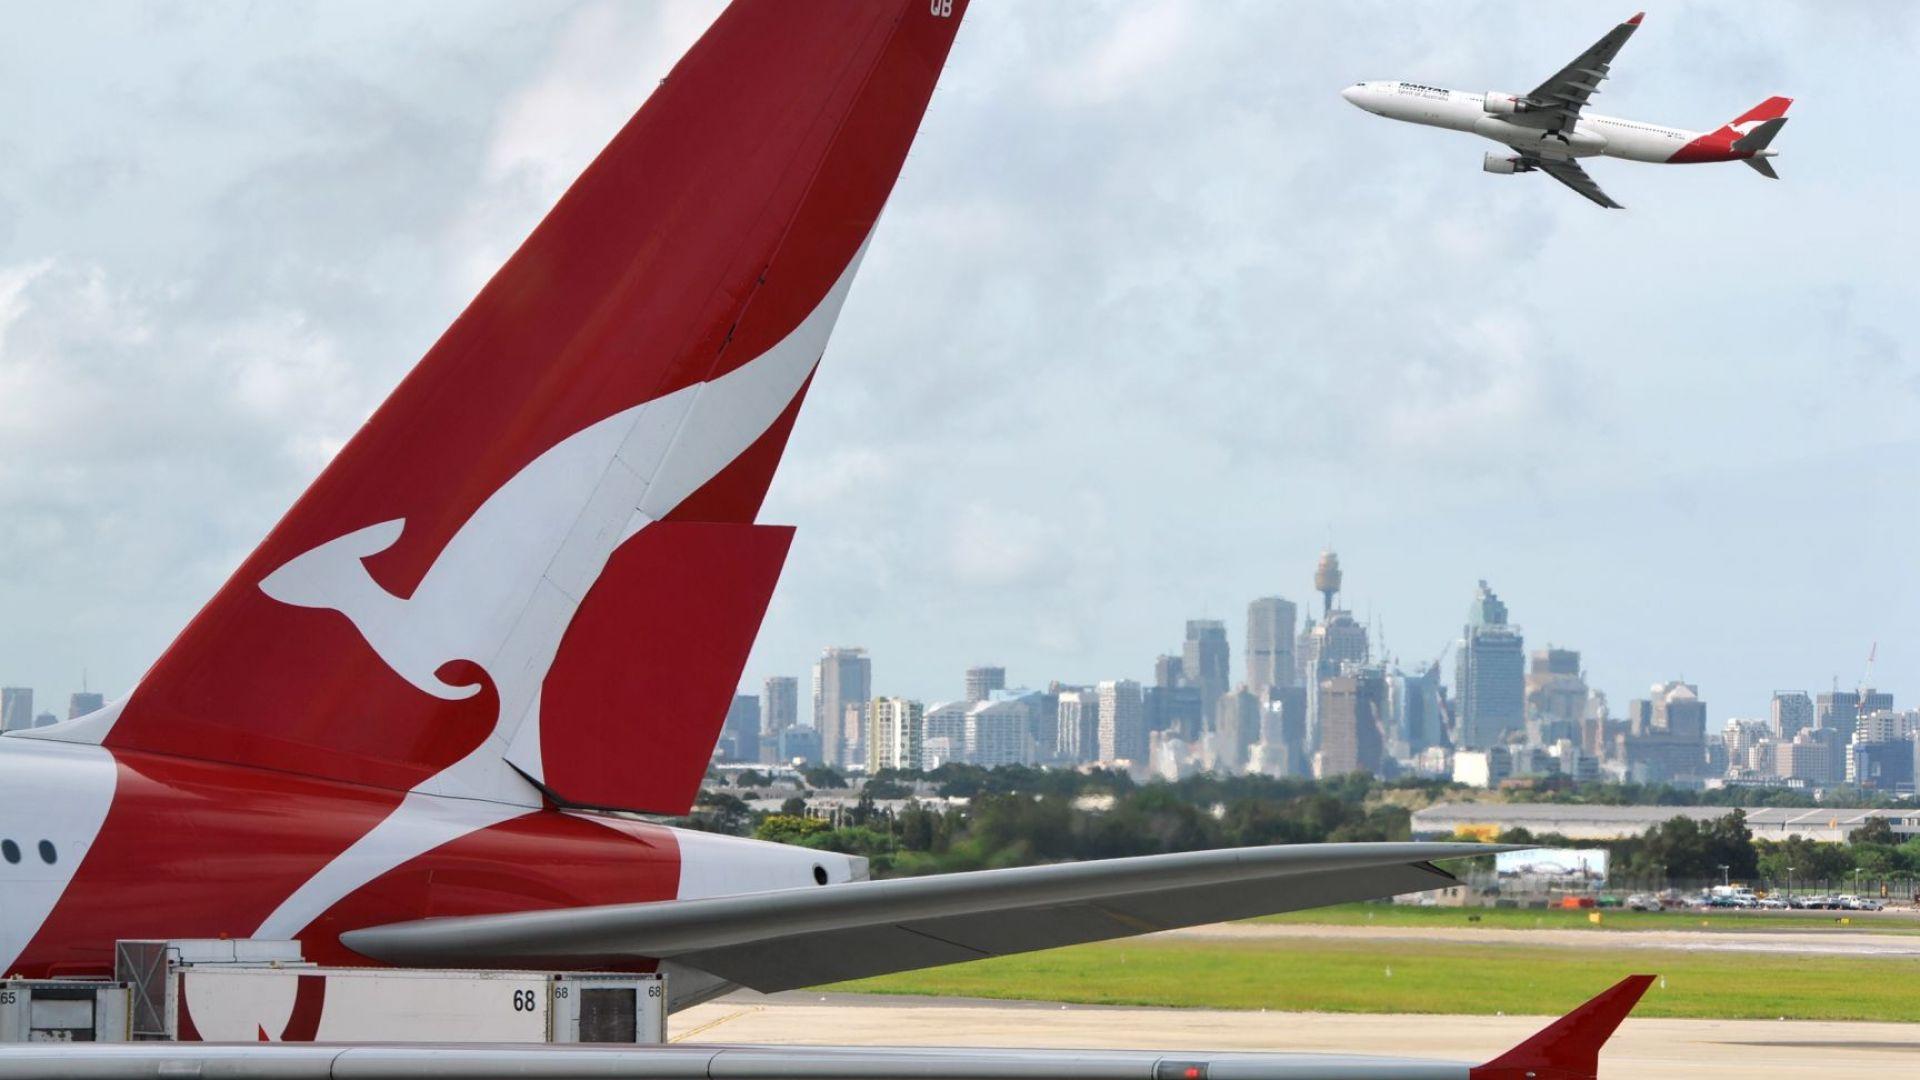 Кои са били най-безопасните авиокомпании през 2020 година?